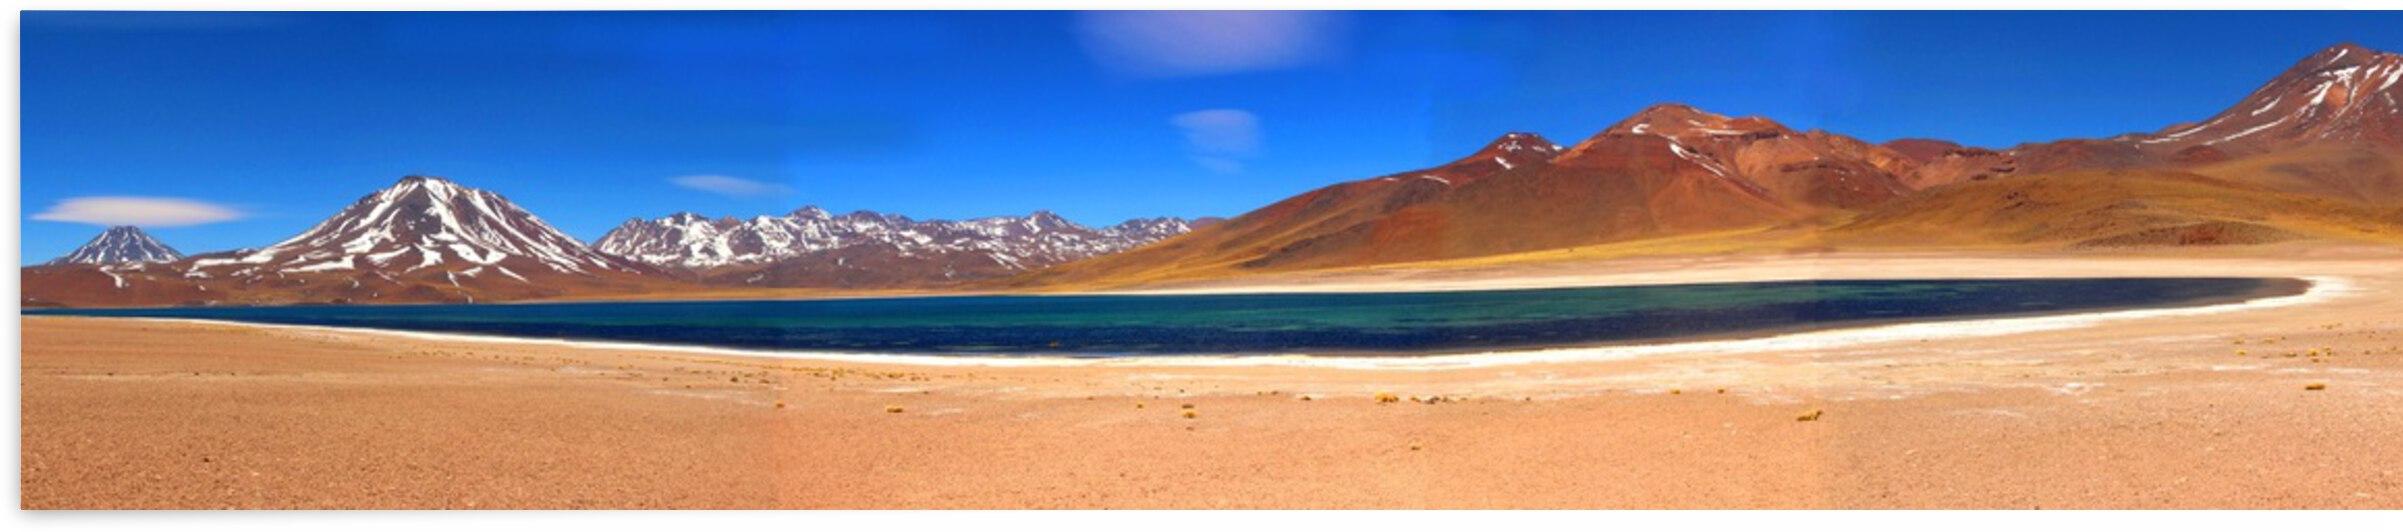 Atacama Desert -  Miscanti Lagoon by Marcelo Jose da Silva de Magalhães